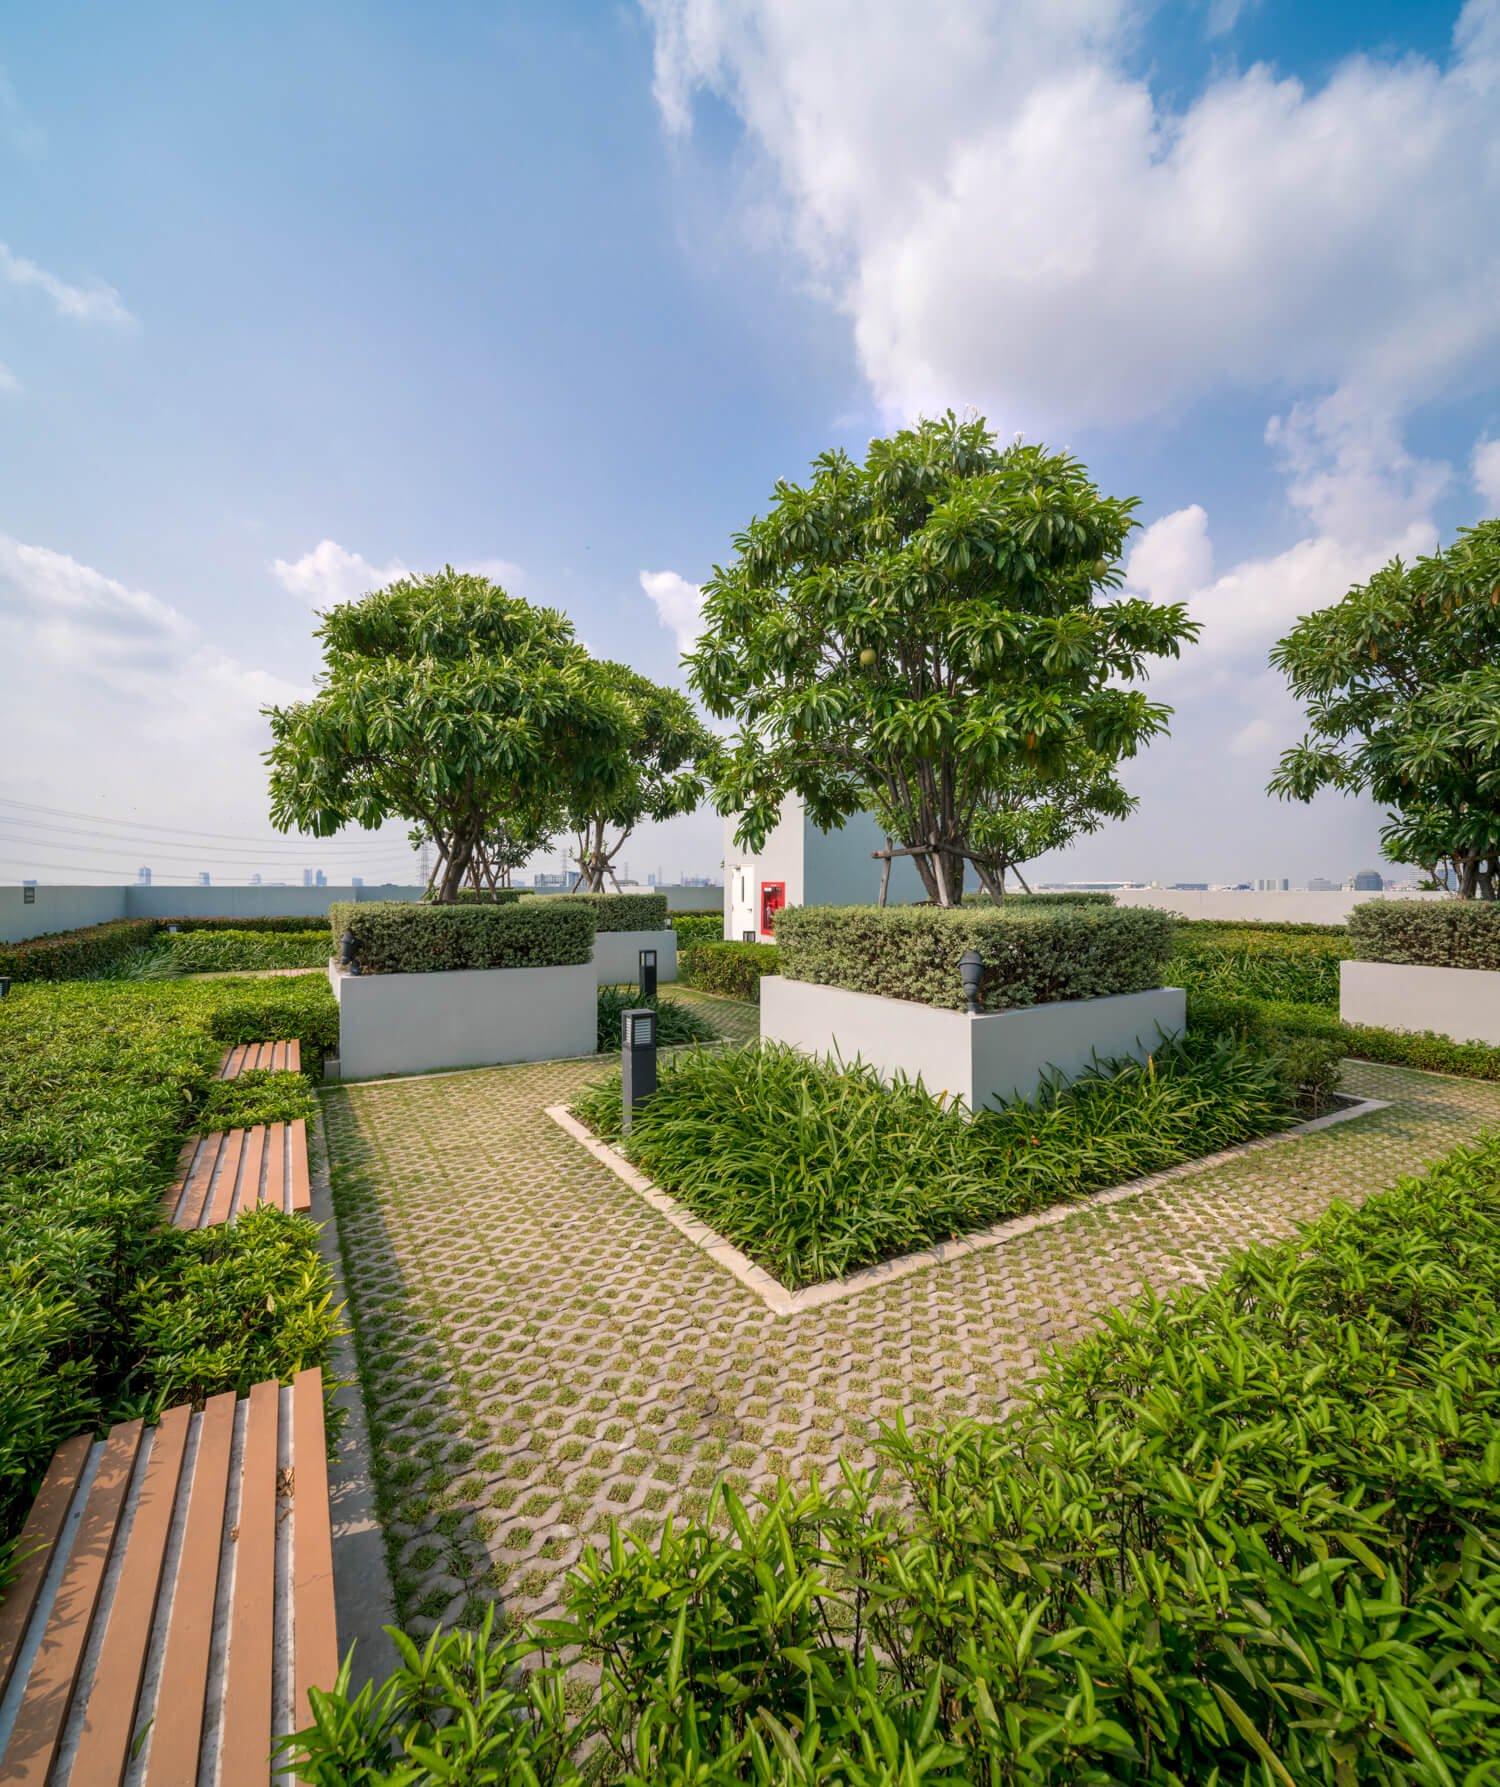 พรีวิว Aspire งามวงศ์วาน คอนโดคุณภาพทำเลดี ใกล้ The Mall ถ.วิภาวดี และ ม.เกษตร 41 - AP (Thailand) - เอพี (ไทยแลนด์)